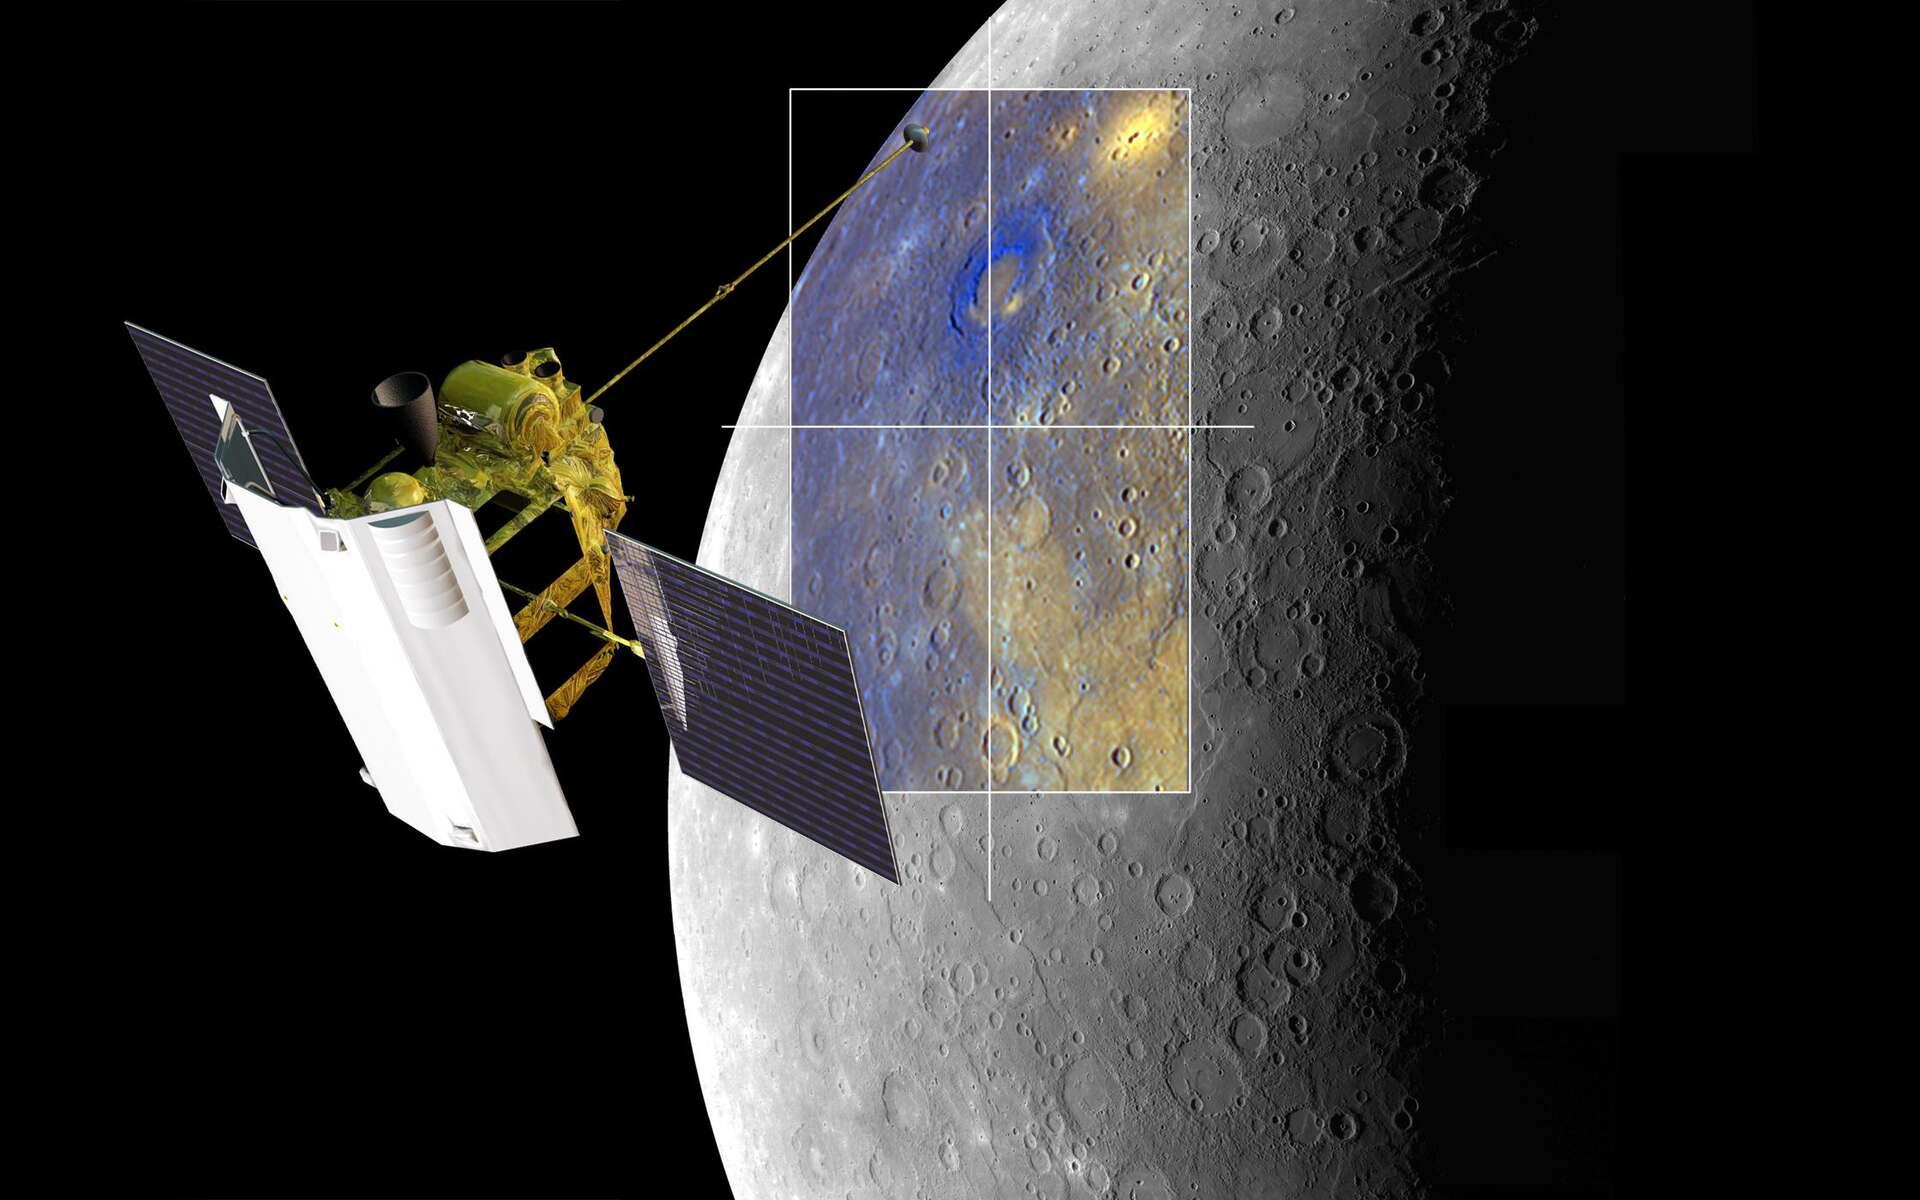 Une vue d'artiste de la sonde Messenger cartographiant Mercure. © Nasa